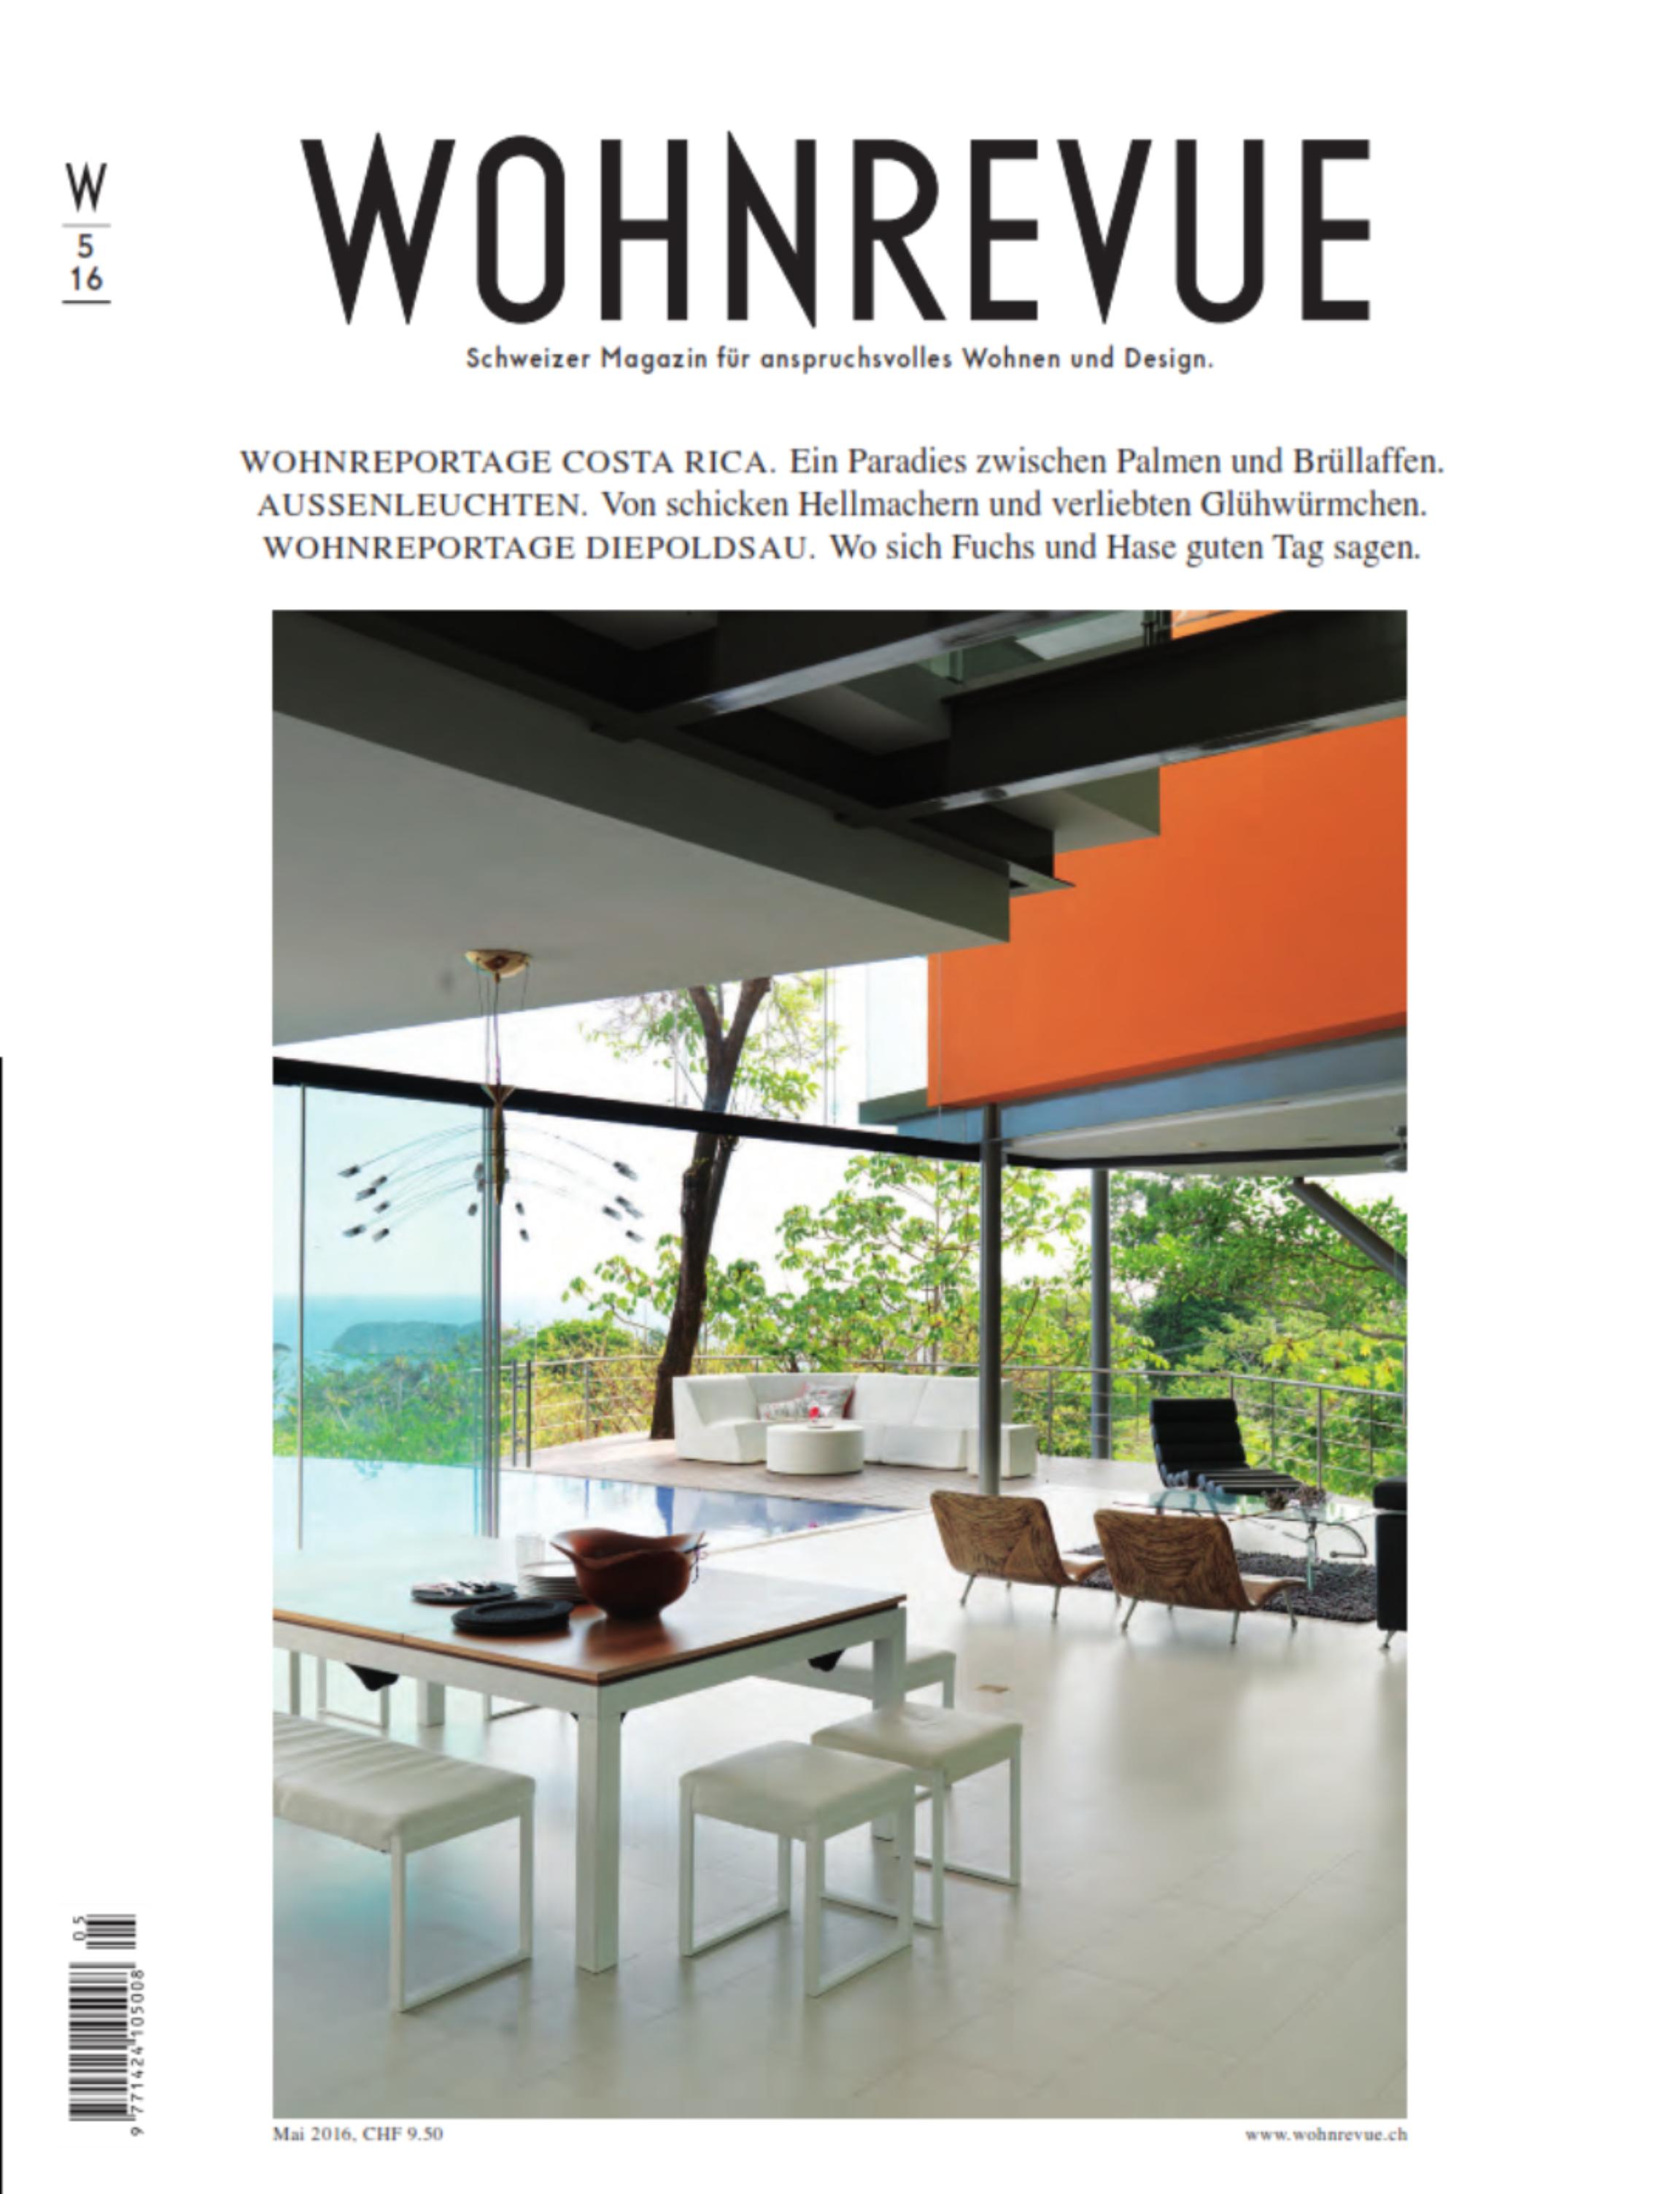 wohnrevue_5_16_2016_cover